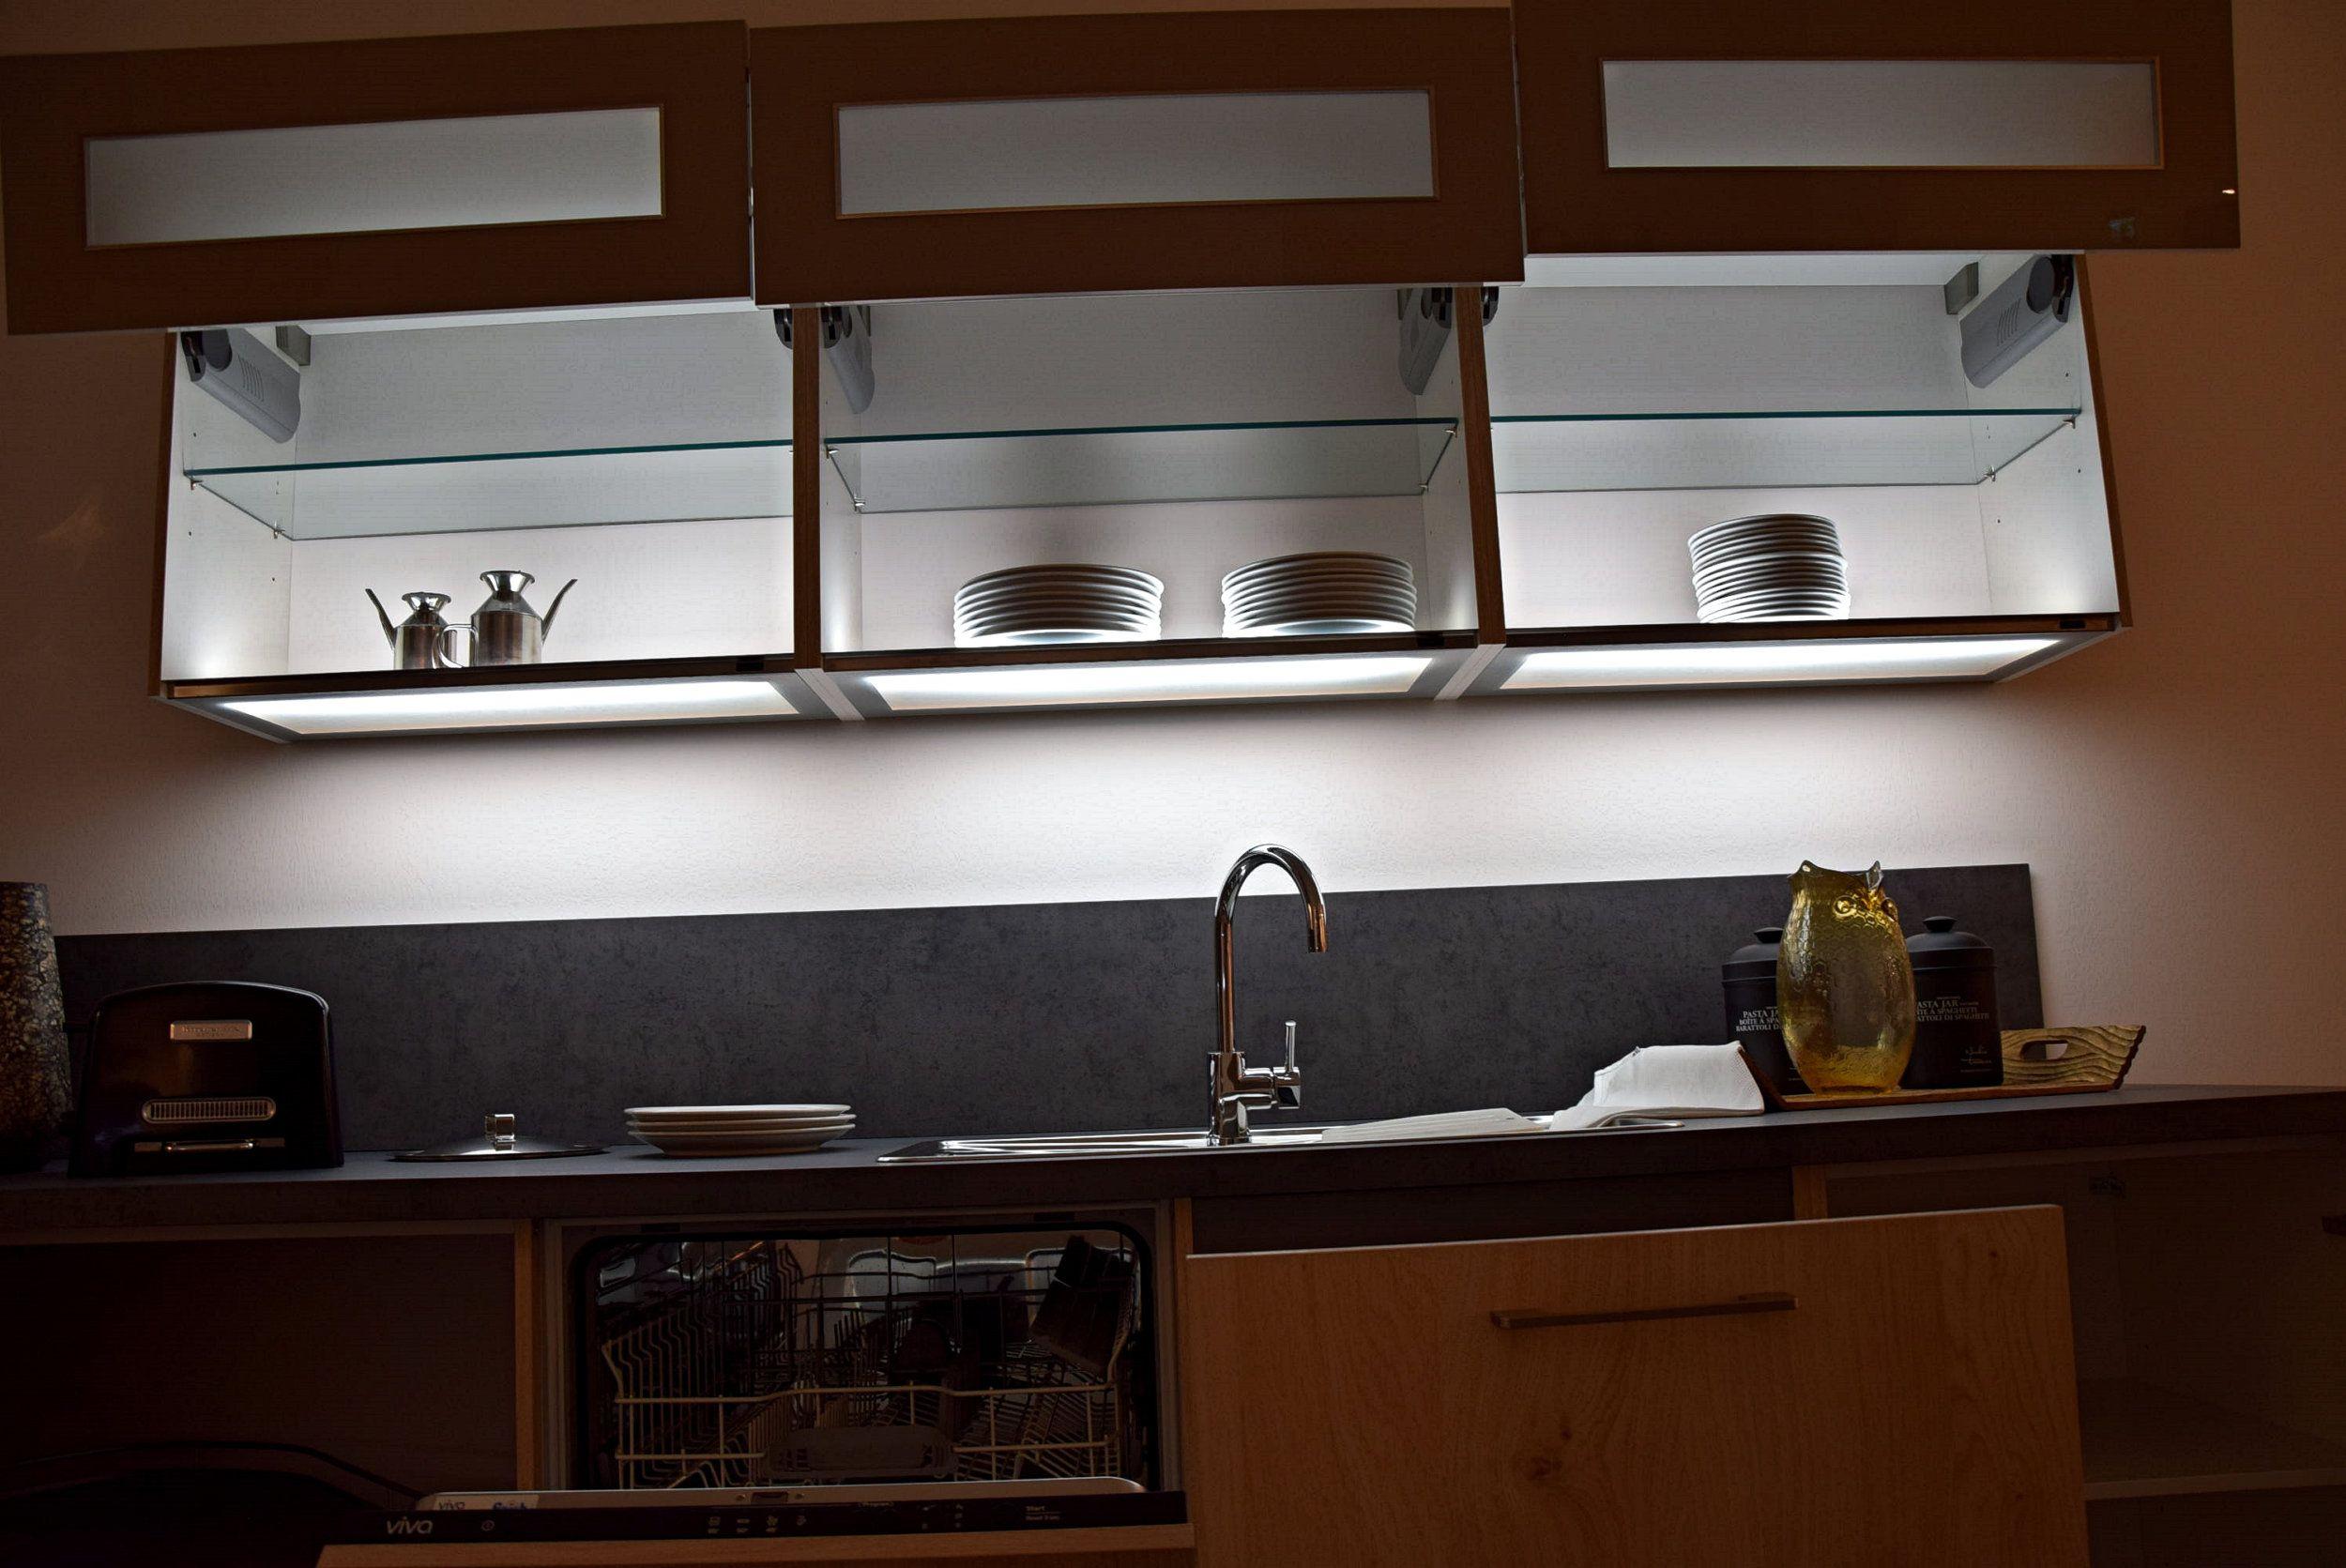 Full Size of Küche Eiche Hell Modern Arbeitsplatte Küche Eiche Hell Küche Eiche Hell Streichen Küche Eiche Hell Welche Wandfarbe Küche Küche Eiche Hell